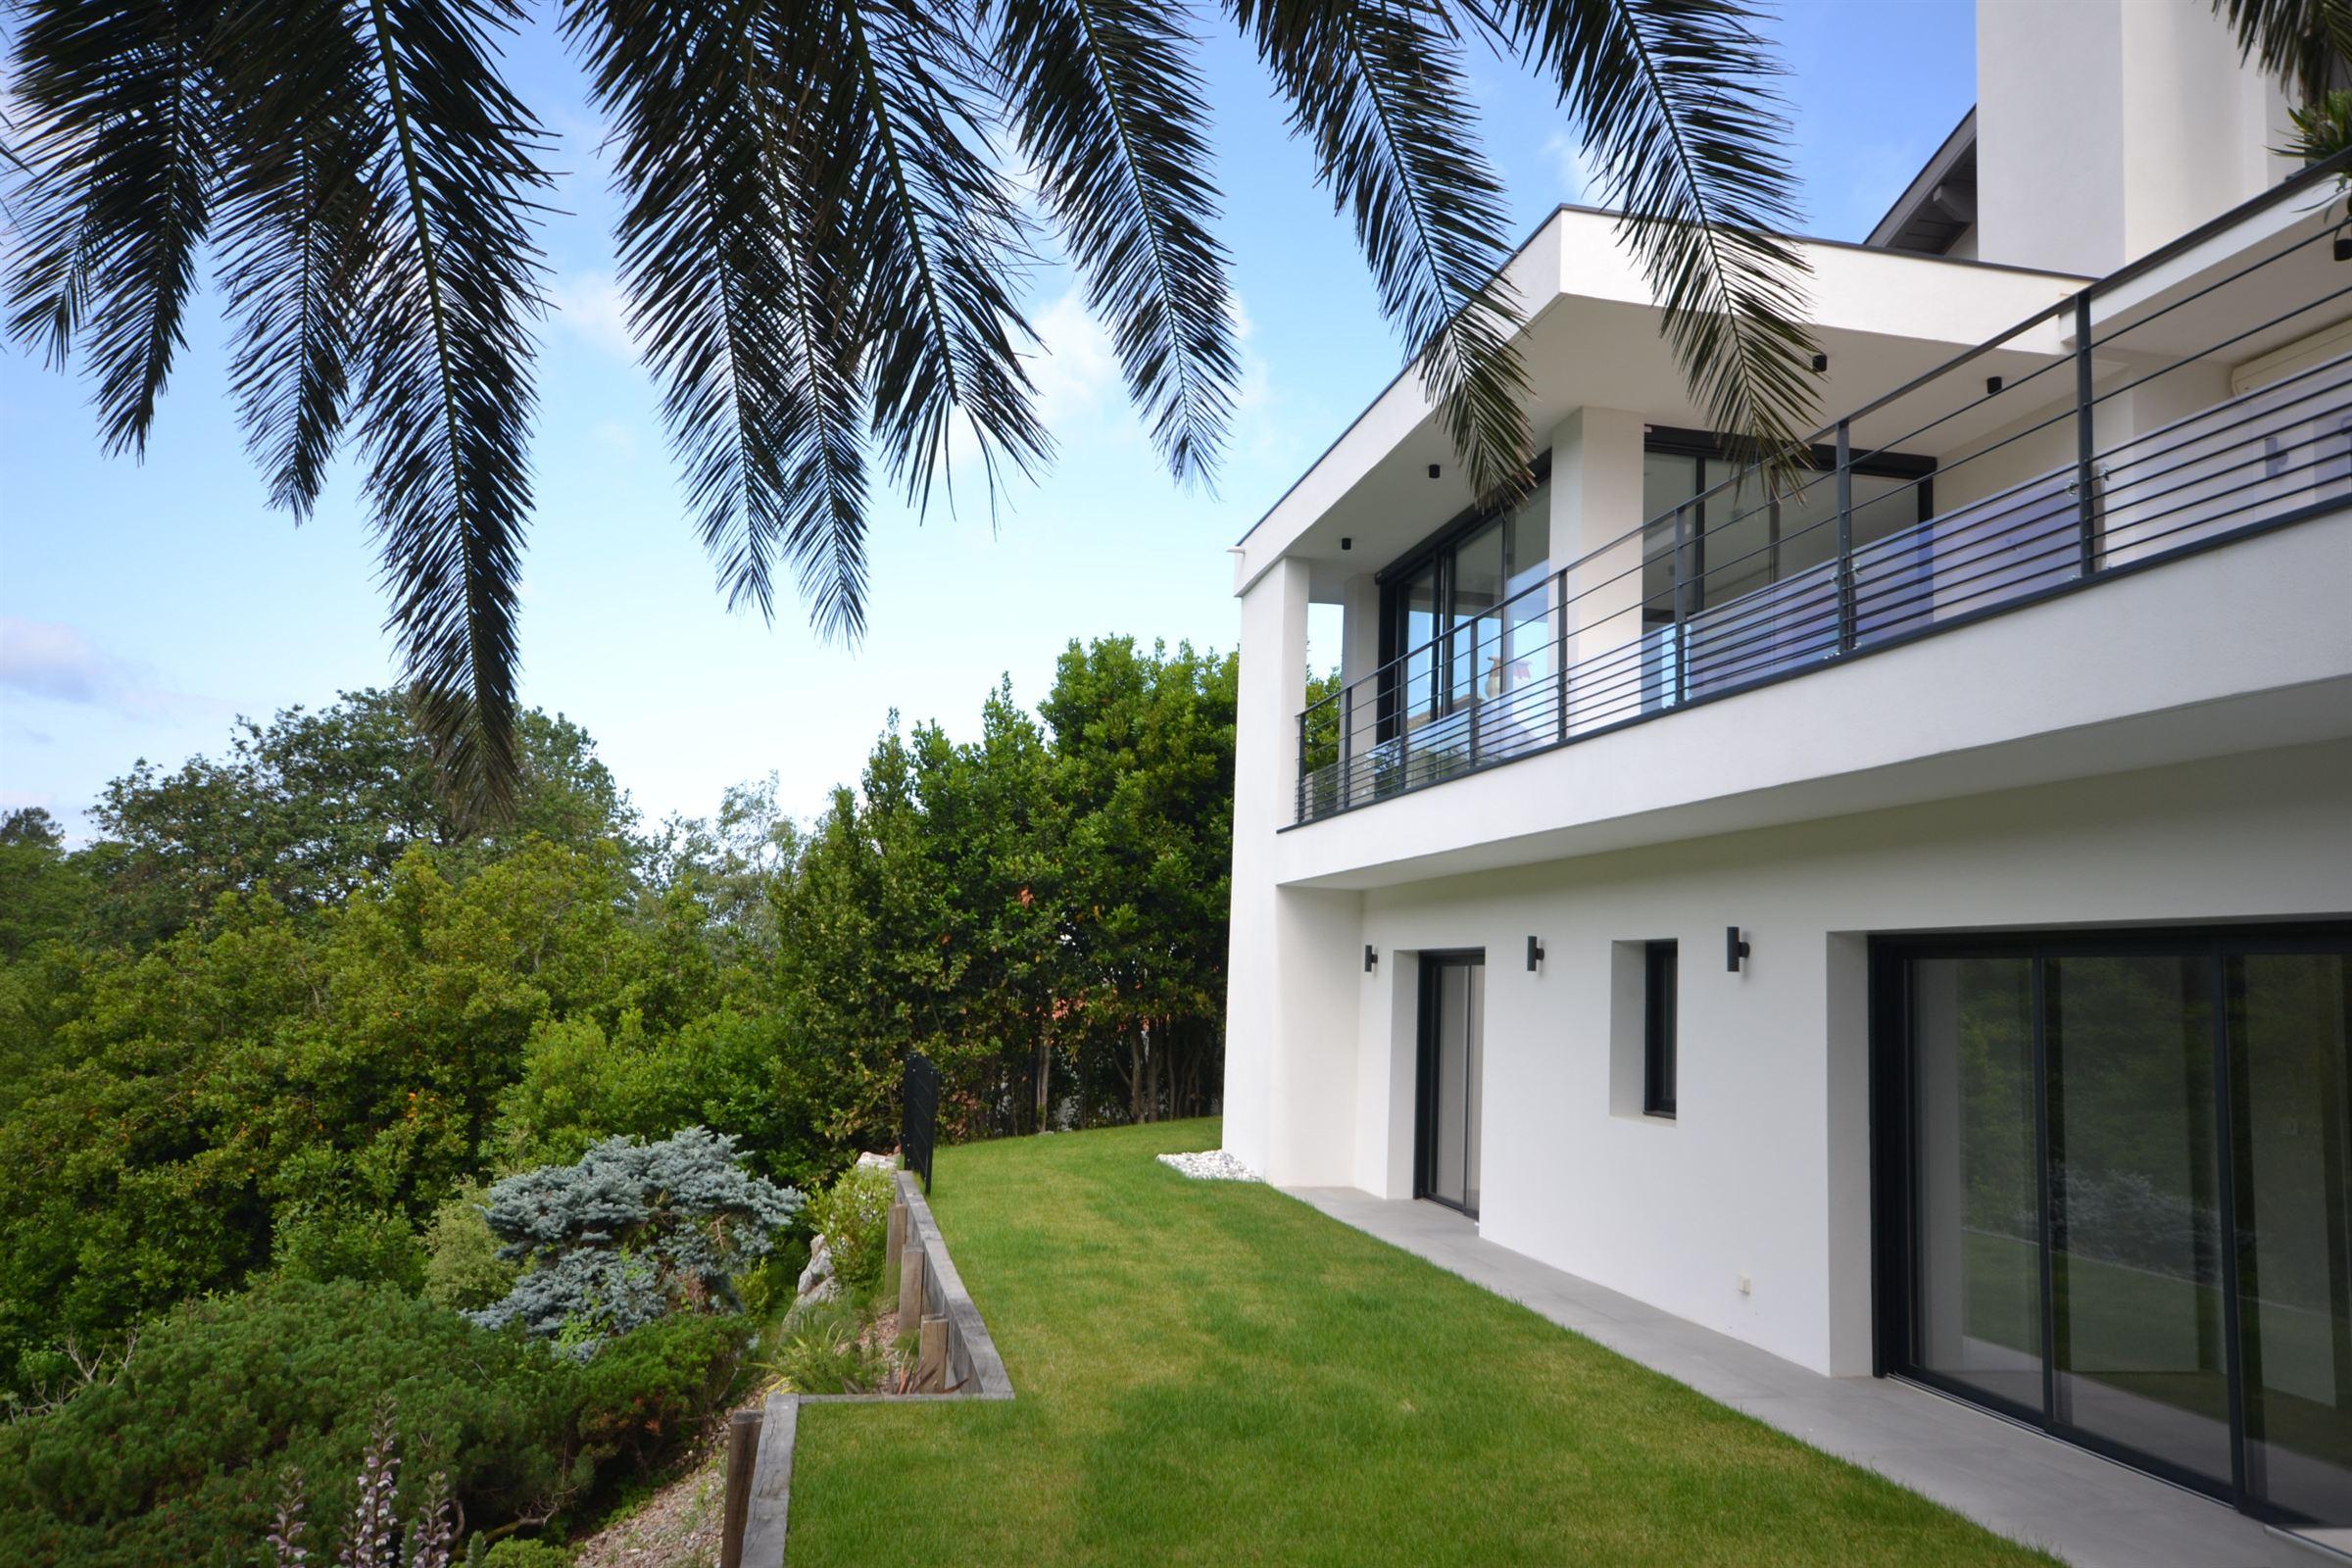 Villa per Vendita alle ore BIARRITZ LA MILADY Biarritz, Aquitania, 64200 Francia